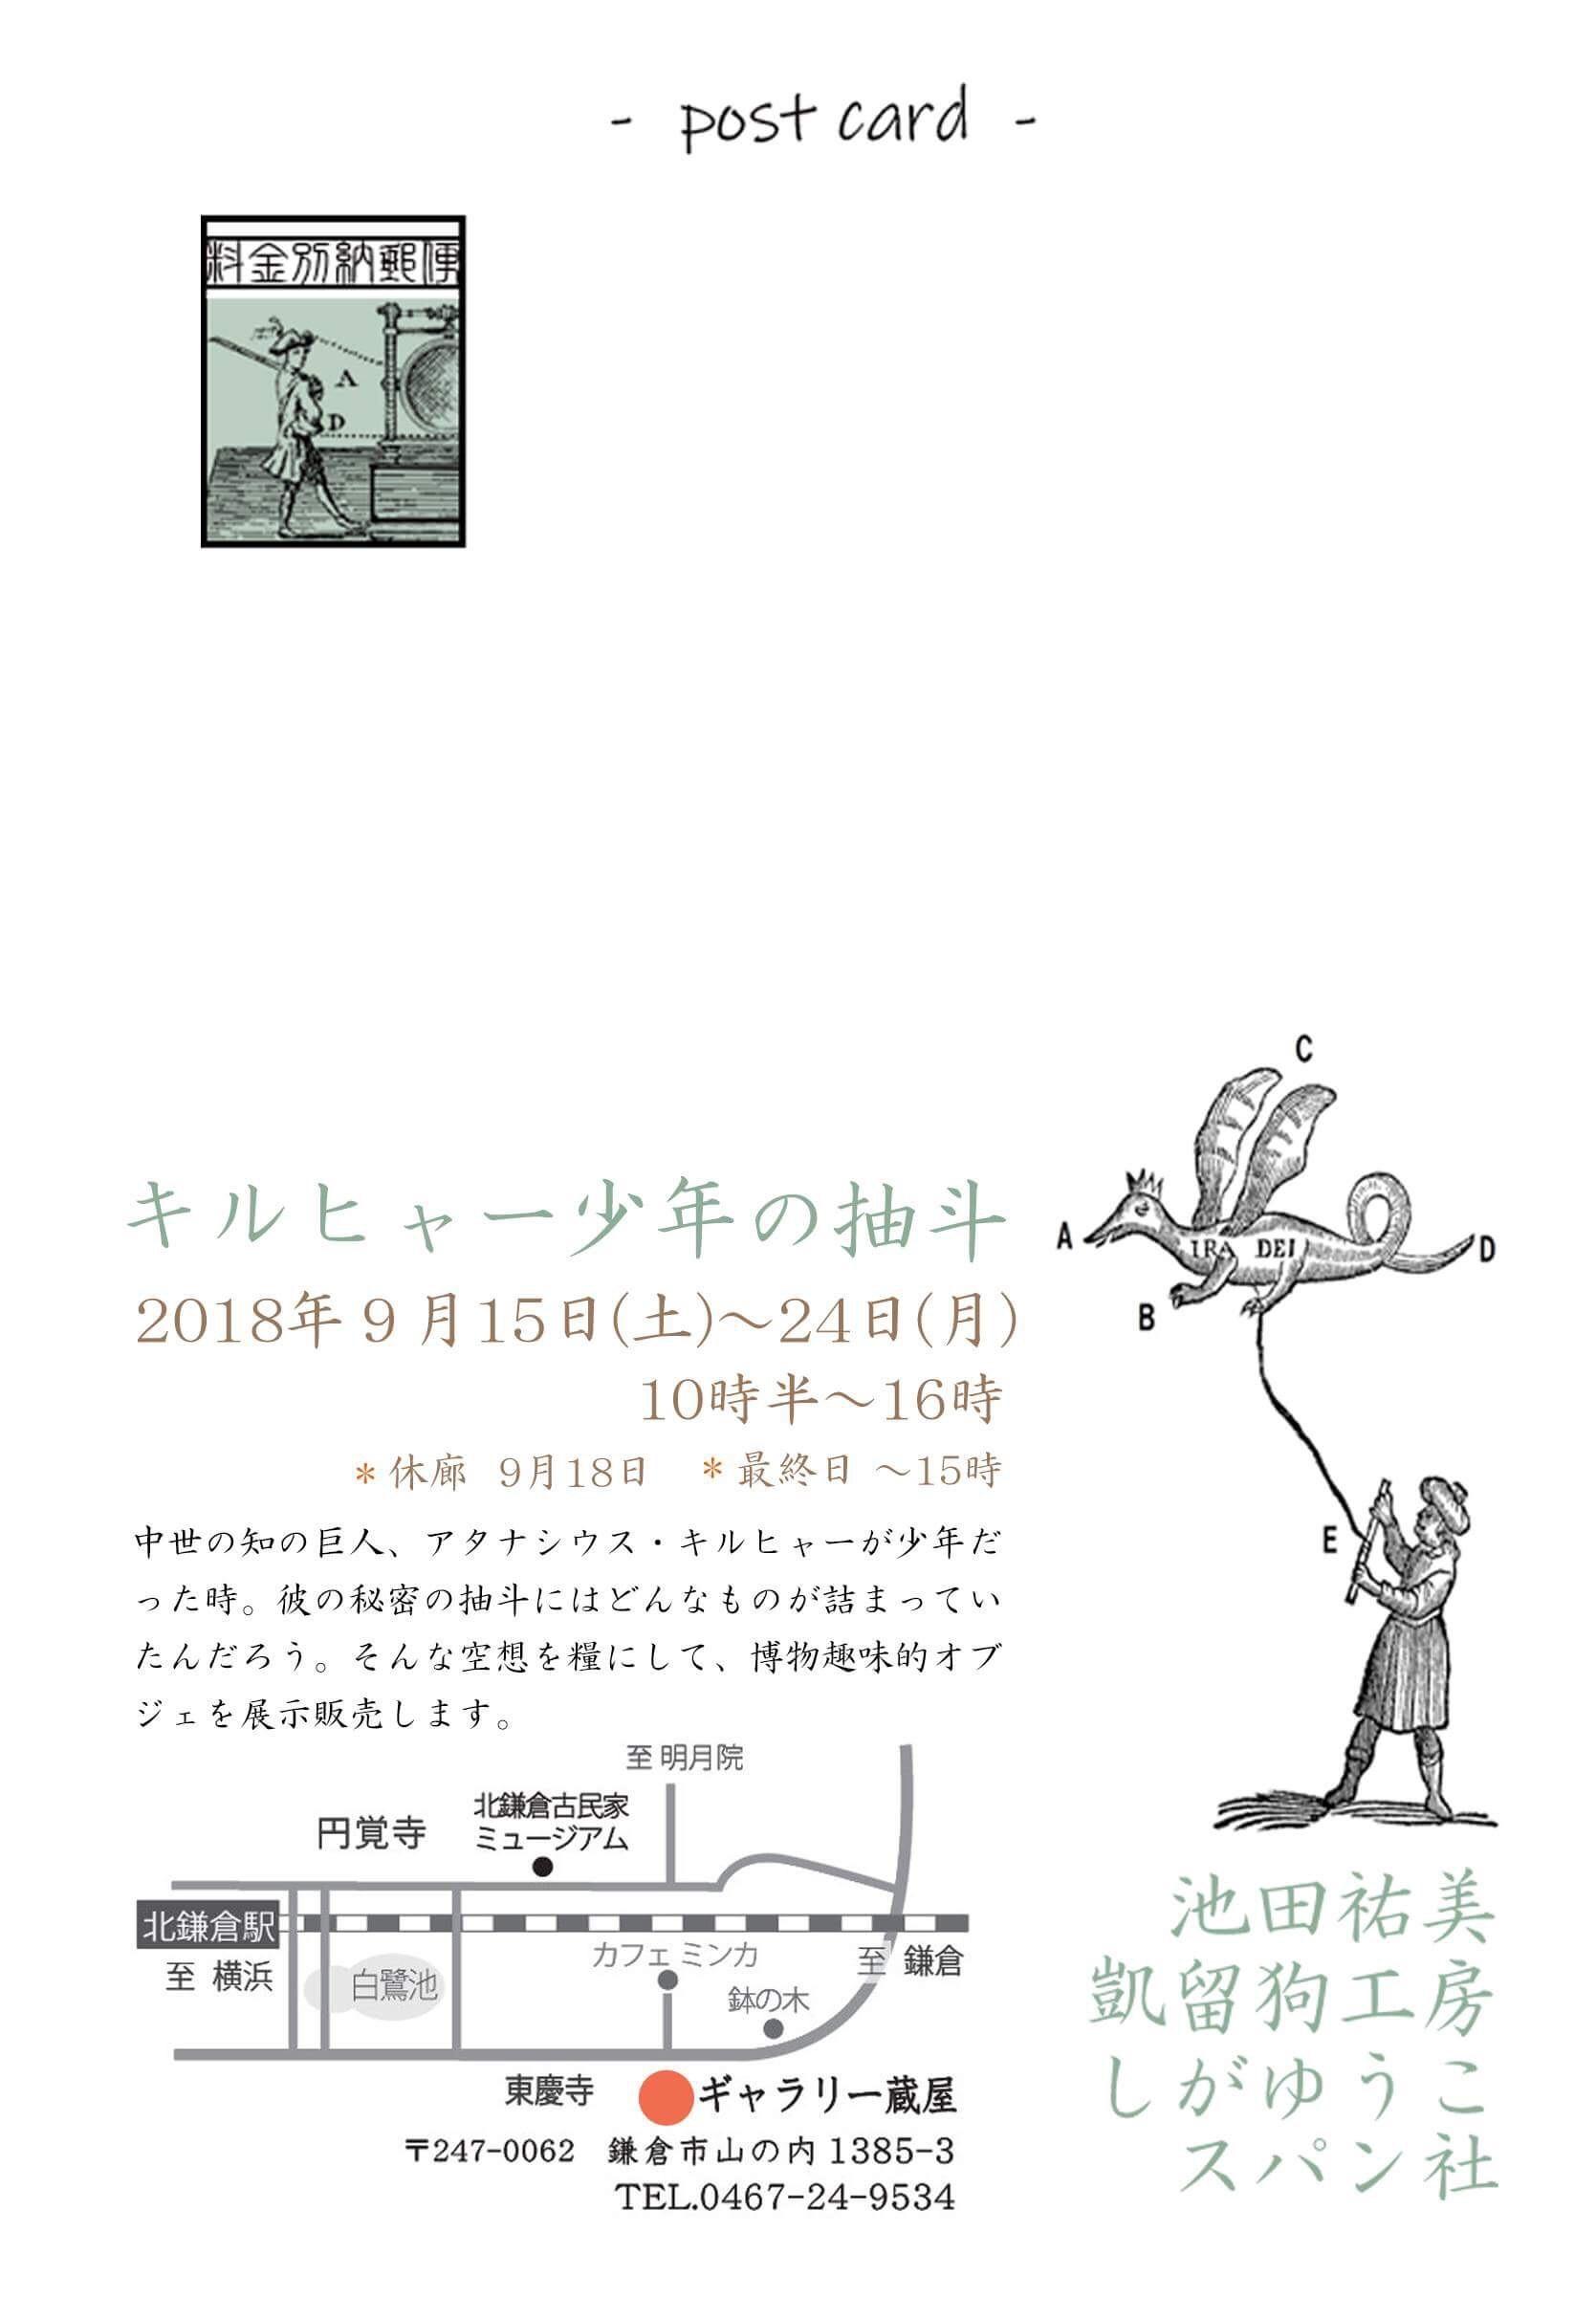 20180904-02.jpg